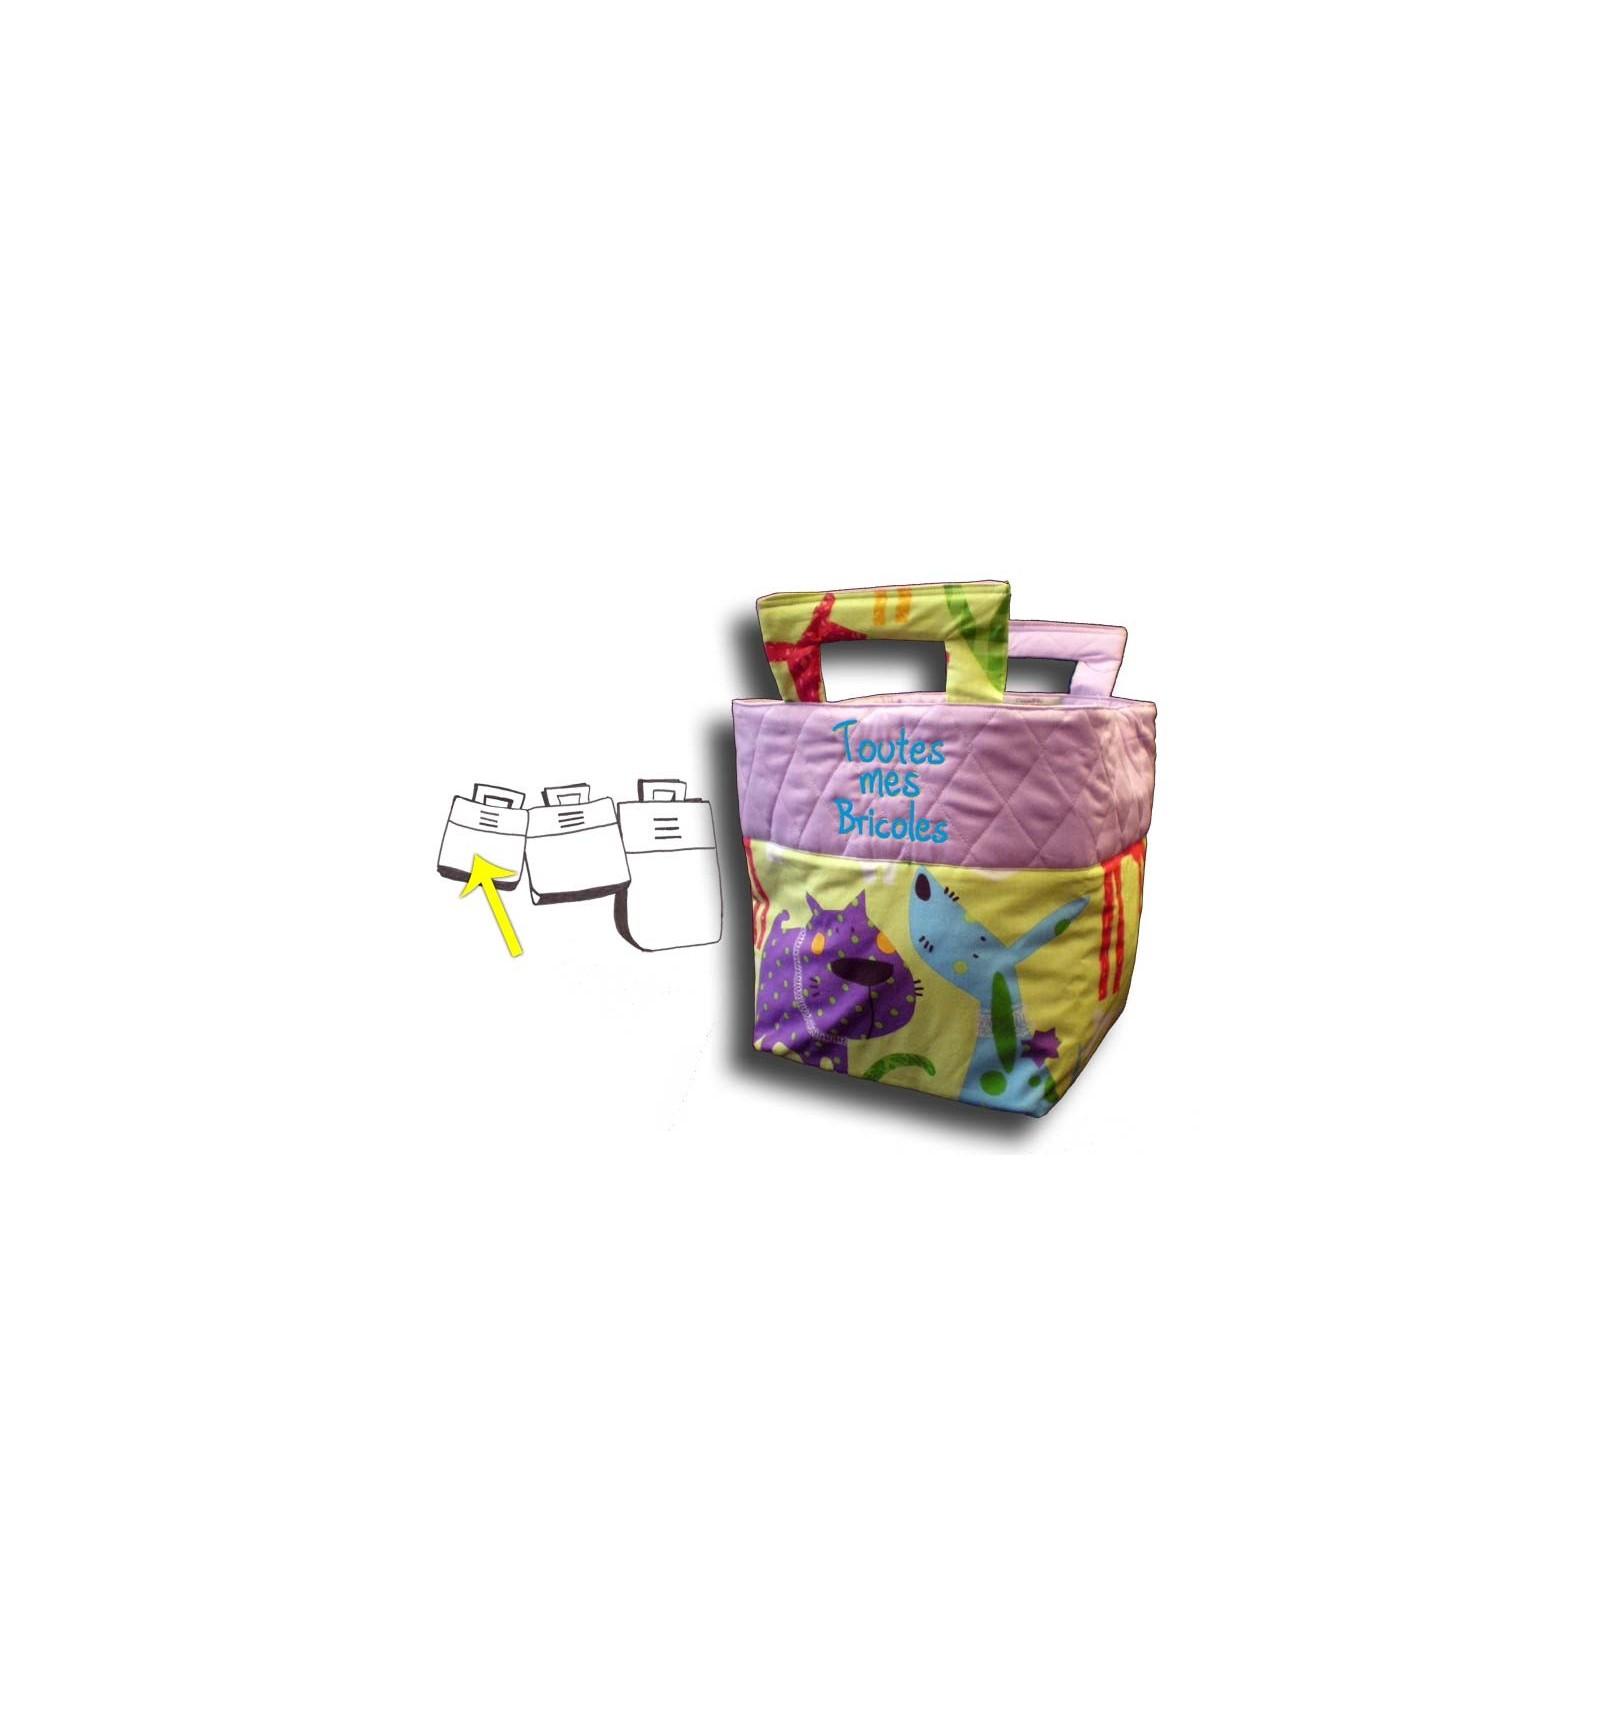 sac jouets original vente en ligne de sac jouets personnalis s. Black Bedroom Furniture Sets. Home Design Ideas